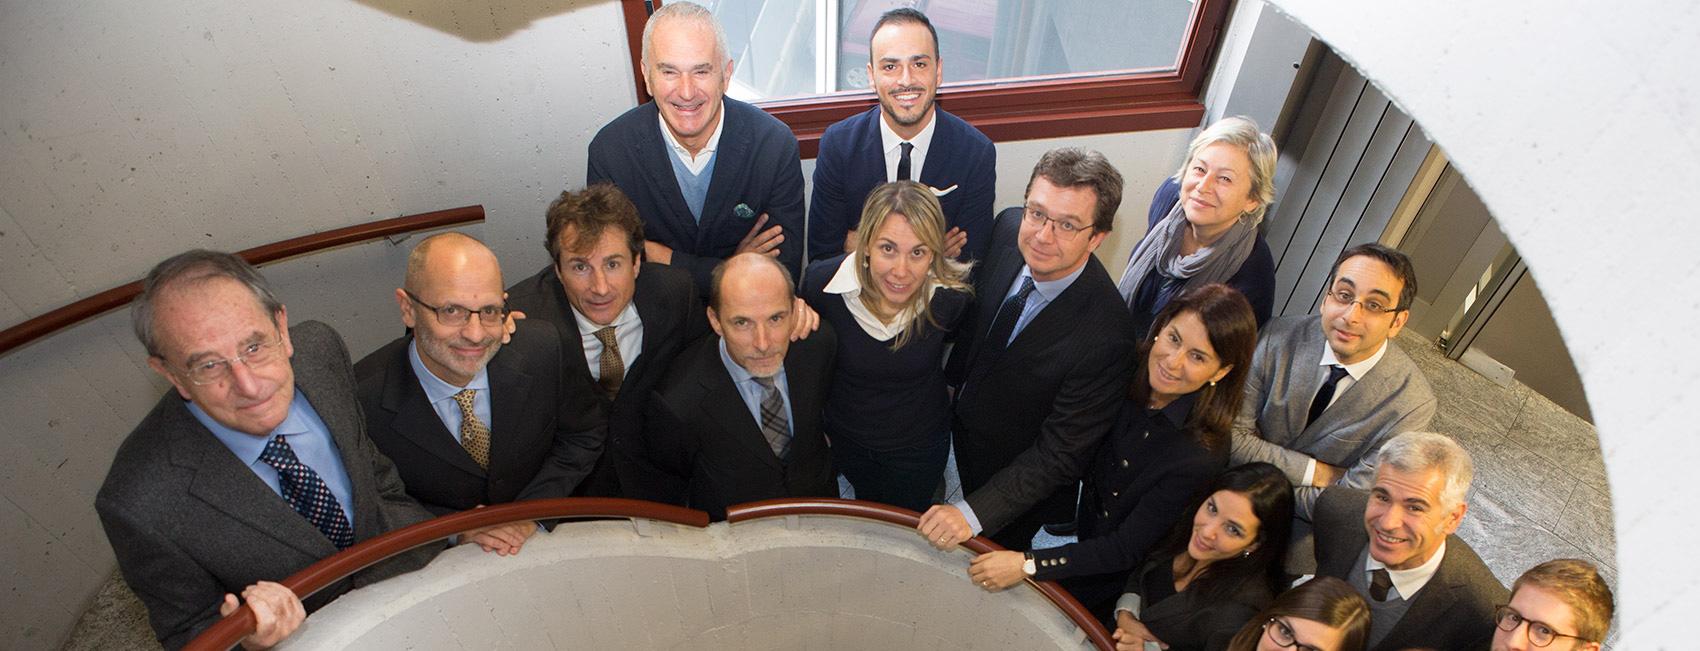 Dottori Commercialisti e Avvocati